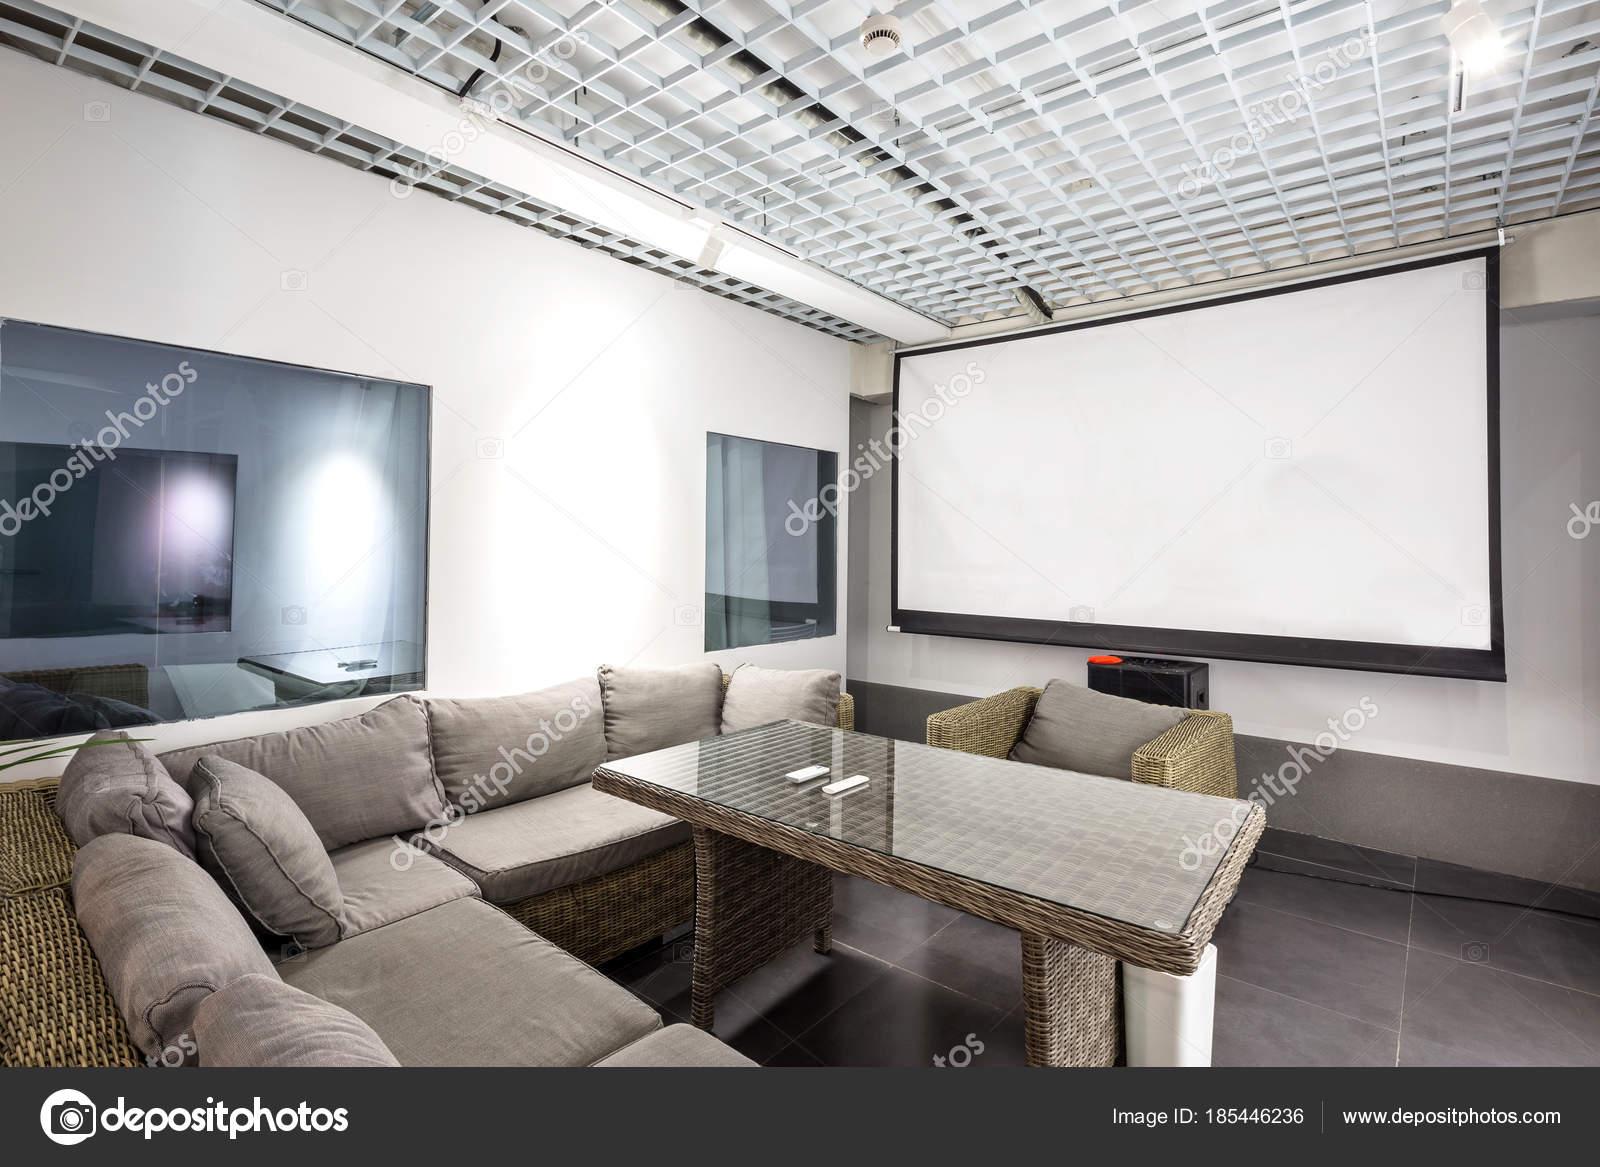 design und dekoration von modernen wohnzimmer unternehmen stockfoto zhudifeng 185446236. Black Bedroom Furniture Sets. Home Design Ideas